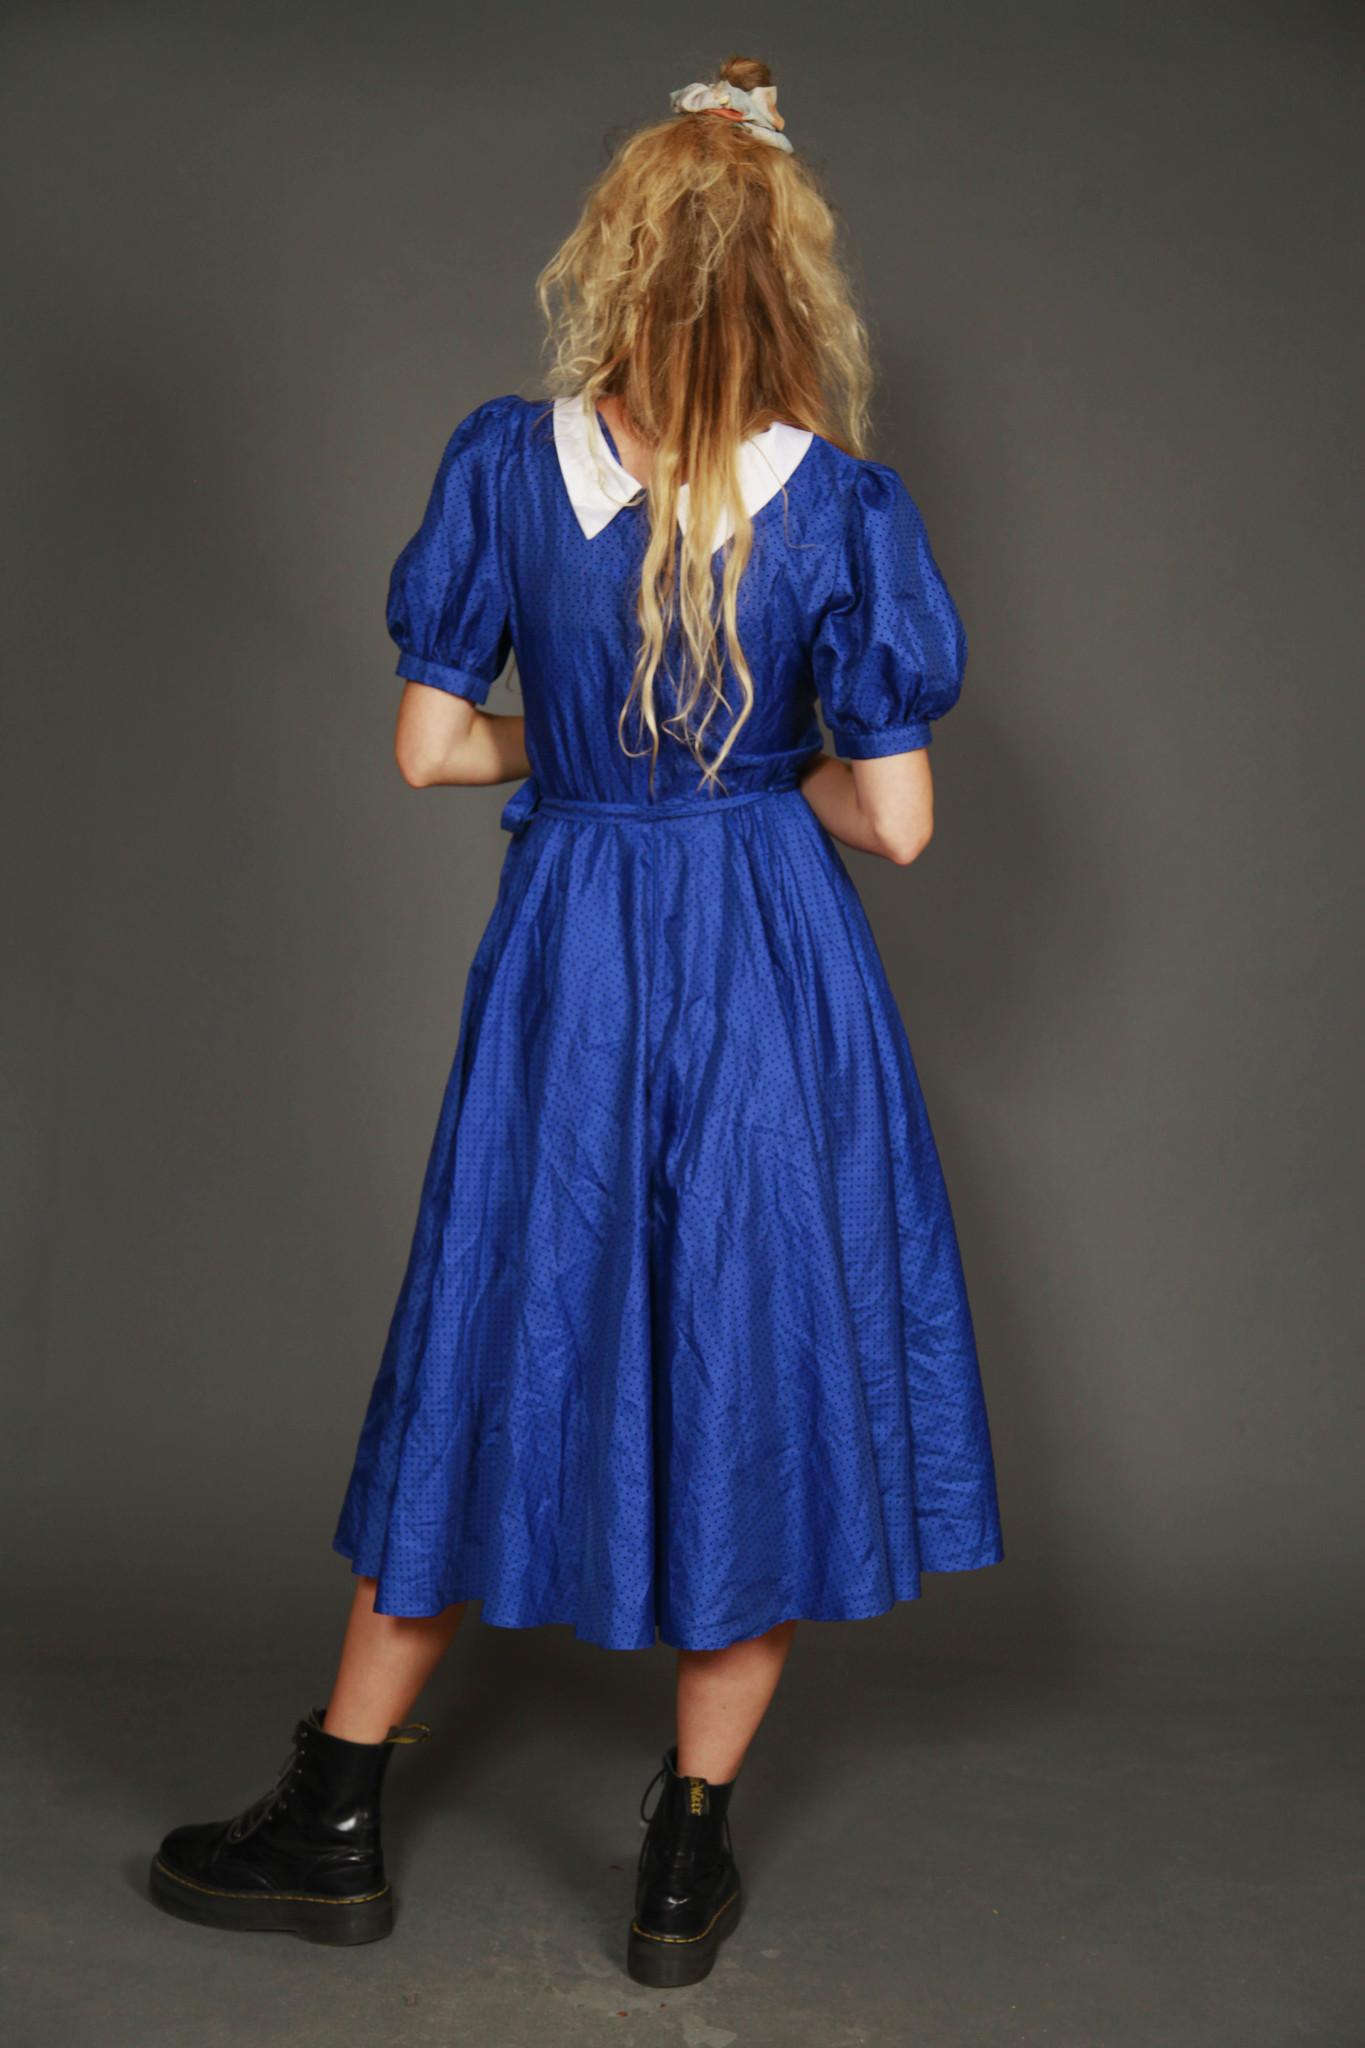 Blue 80s prom dress